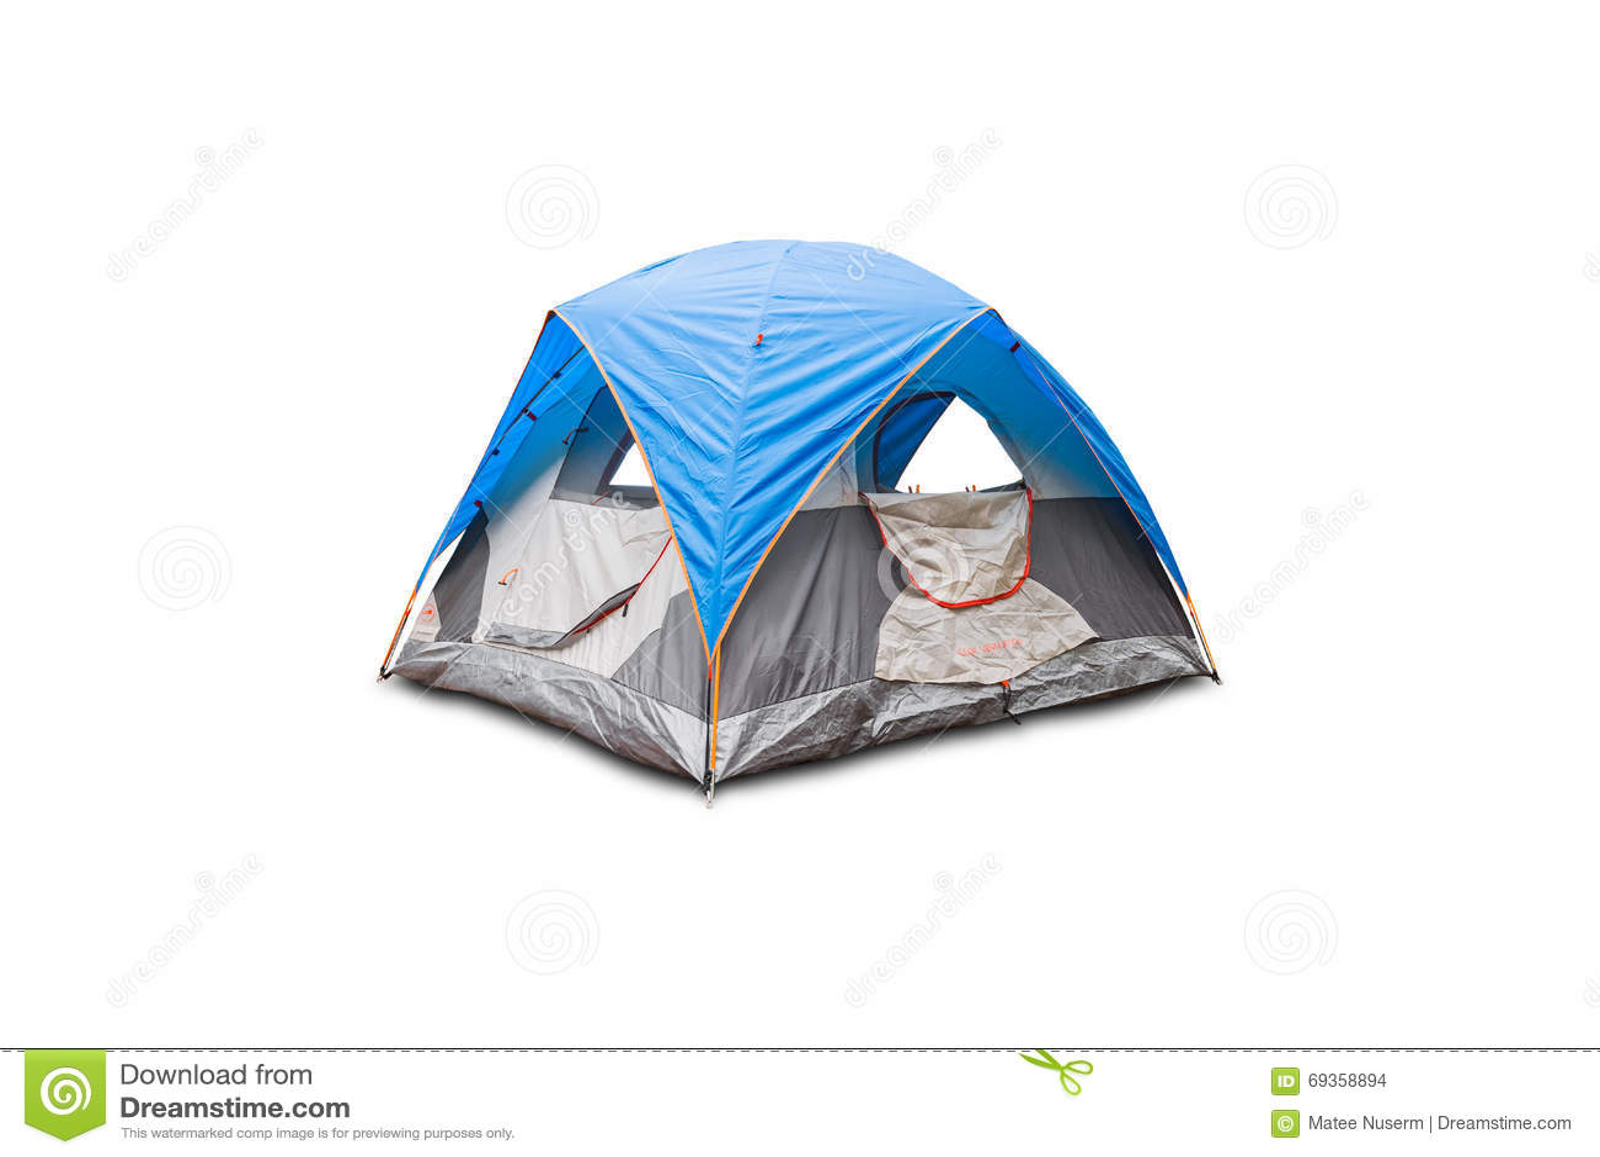 蓝色圆顶帐篷